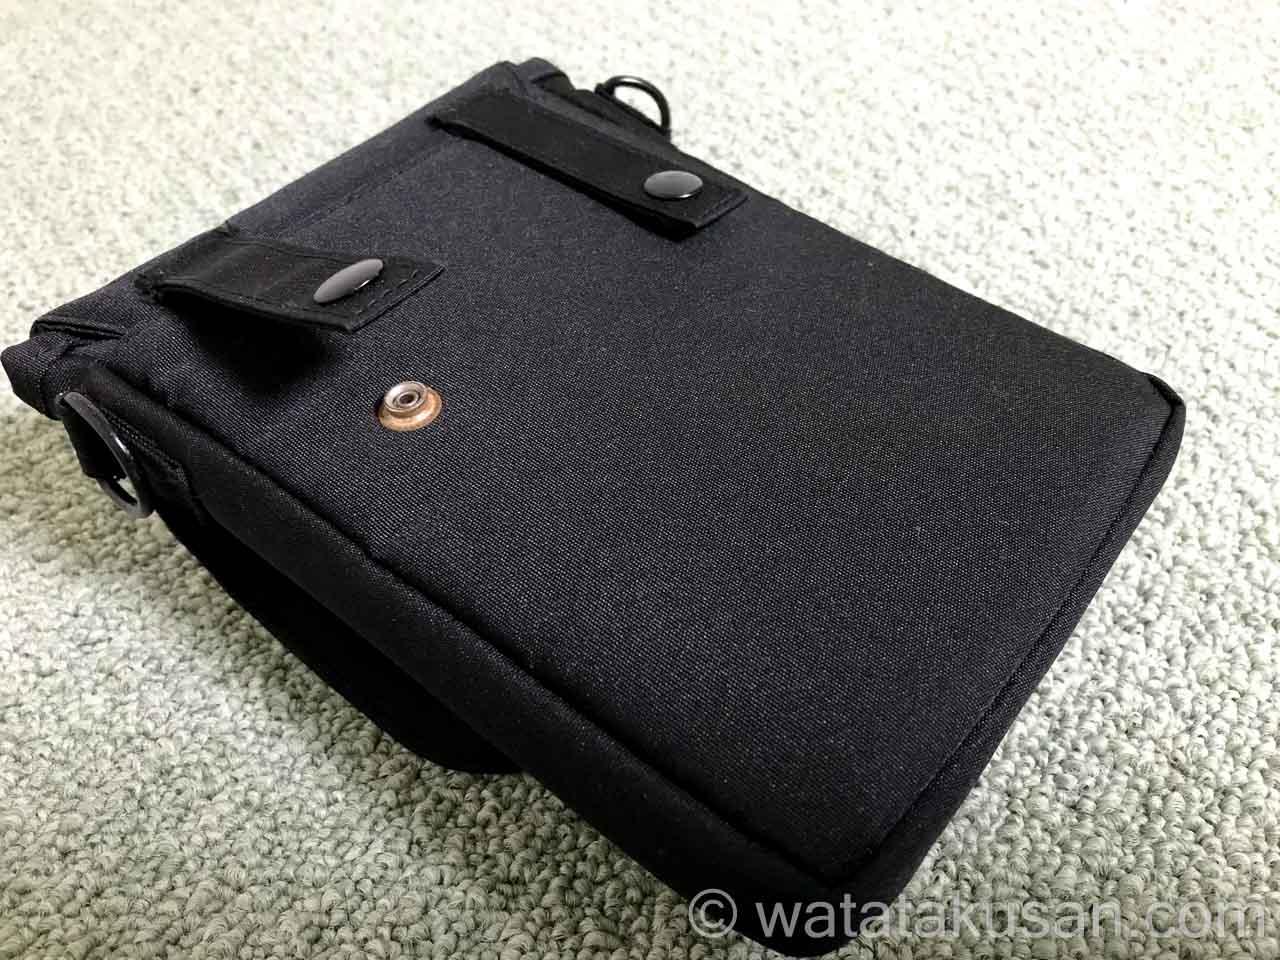 リヒトラブキャリングポーチスマートフィットA6のベルトに装着する部分